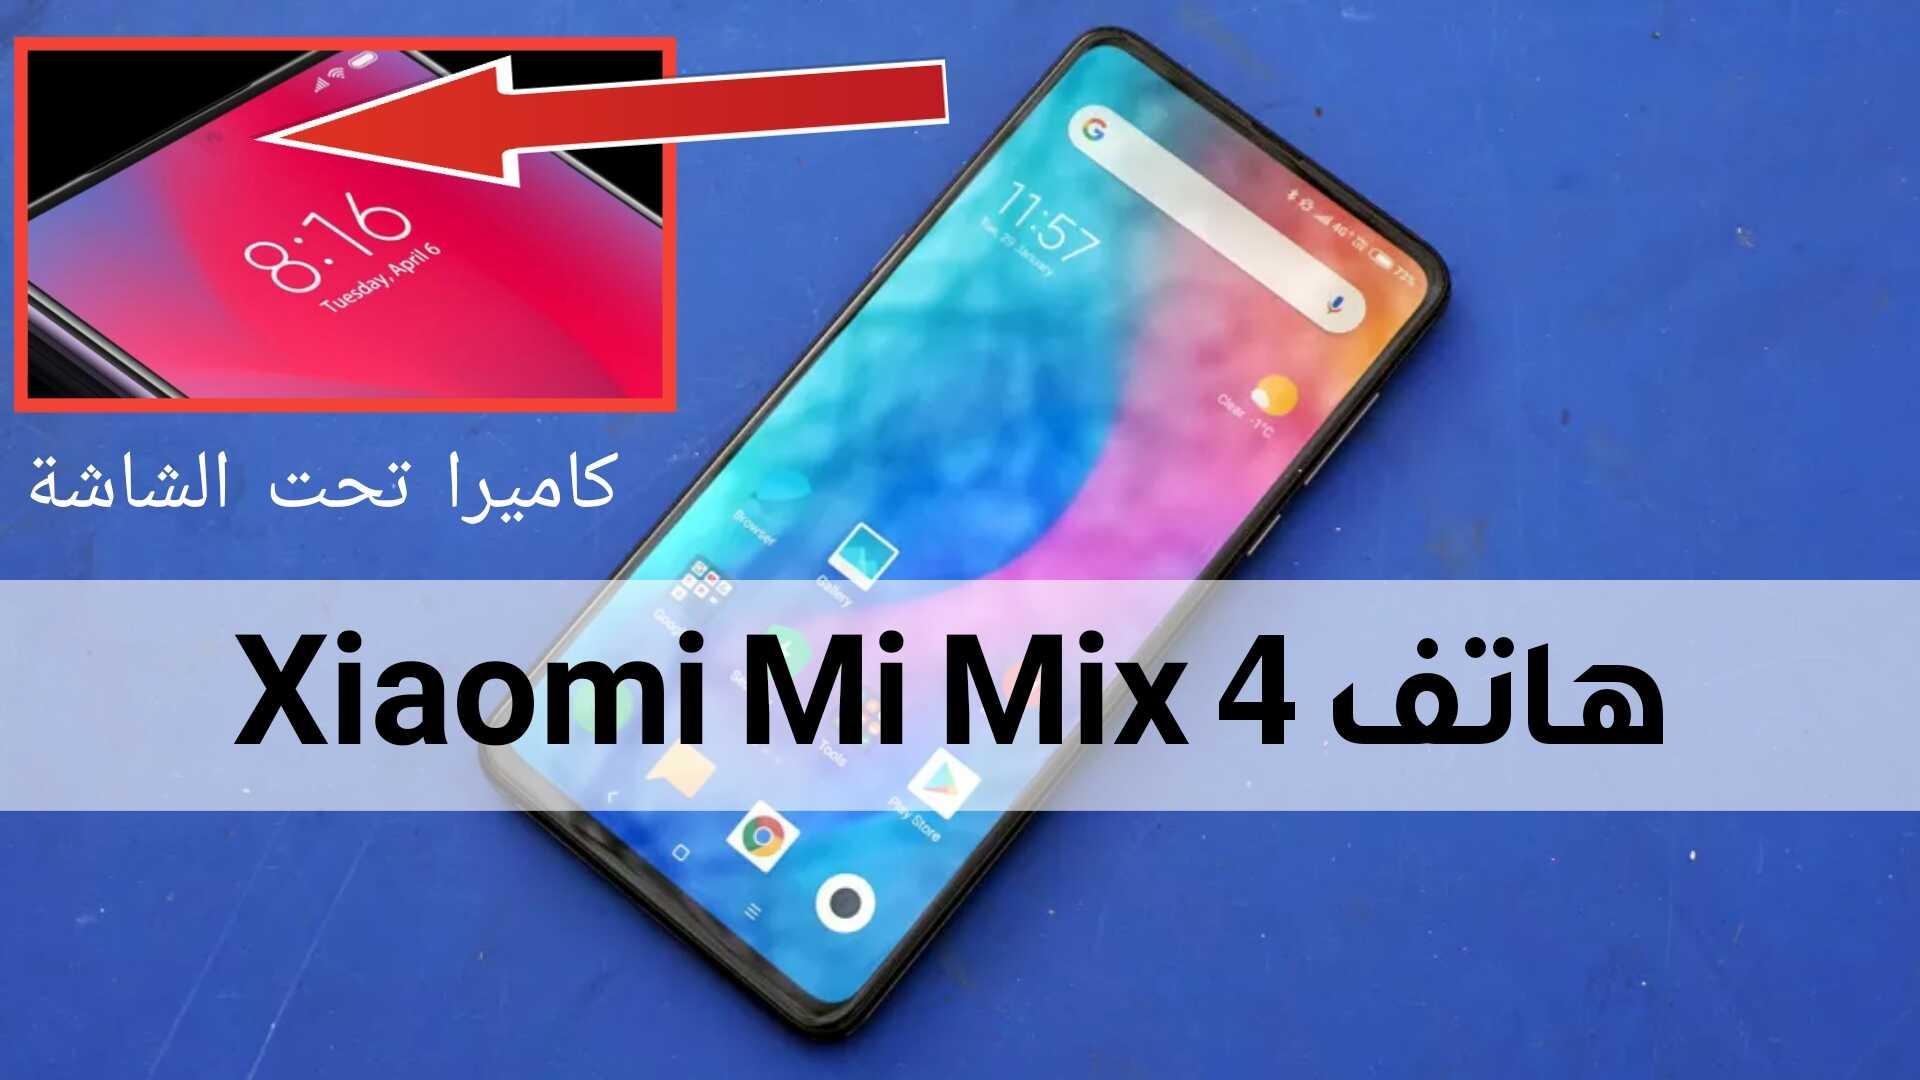 هاتف Xiaomi Mi Mix 4 الحديد سيأتي بكاميرا تحت الشاشة